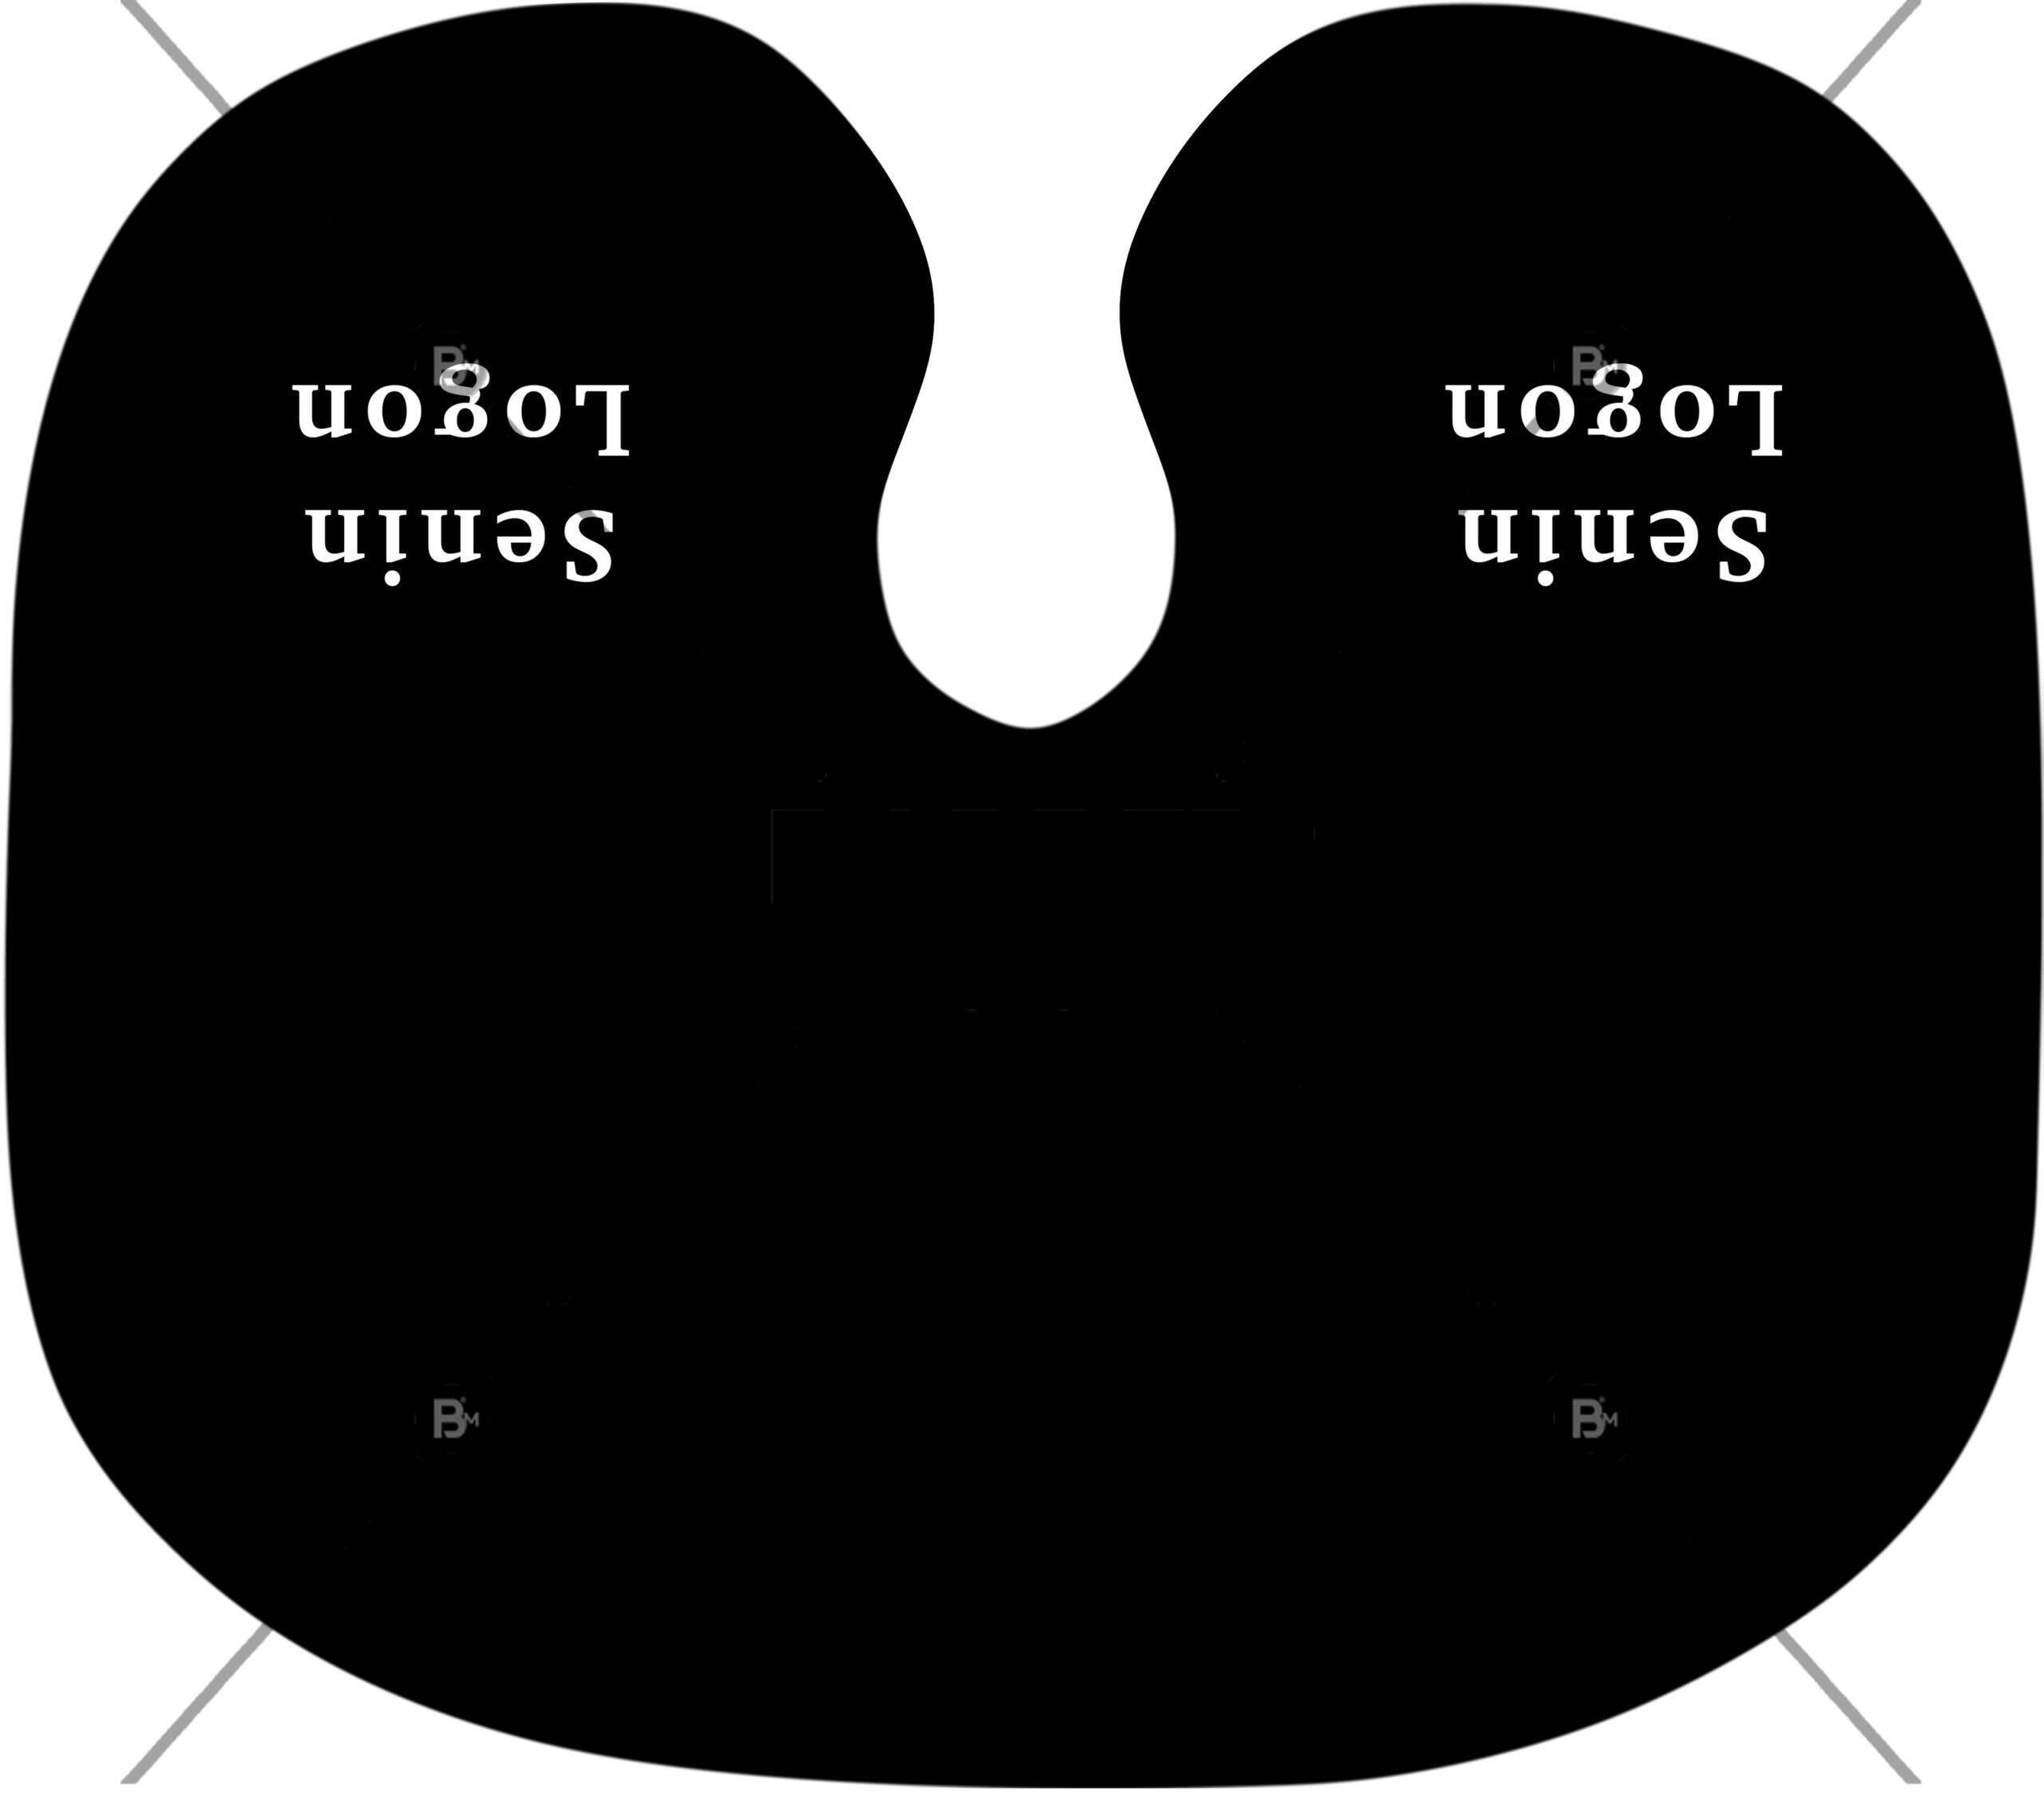 Tarama Fön Penuarı - BM-T 102 ürünü kuaför ve berberlerin en çok tercih ettiği bir tarama fön penuarıdır. Firma logonuz ile size özel baskılı penuar yapılabilir.